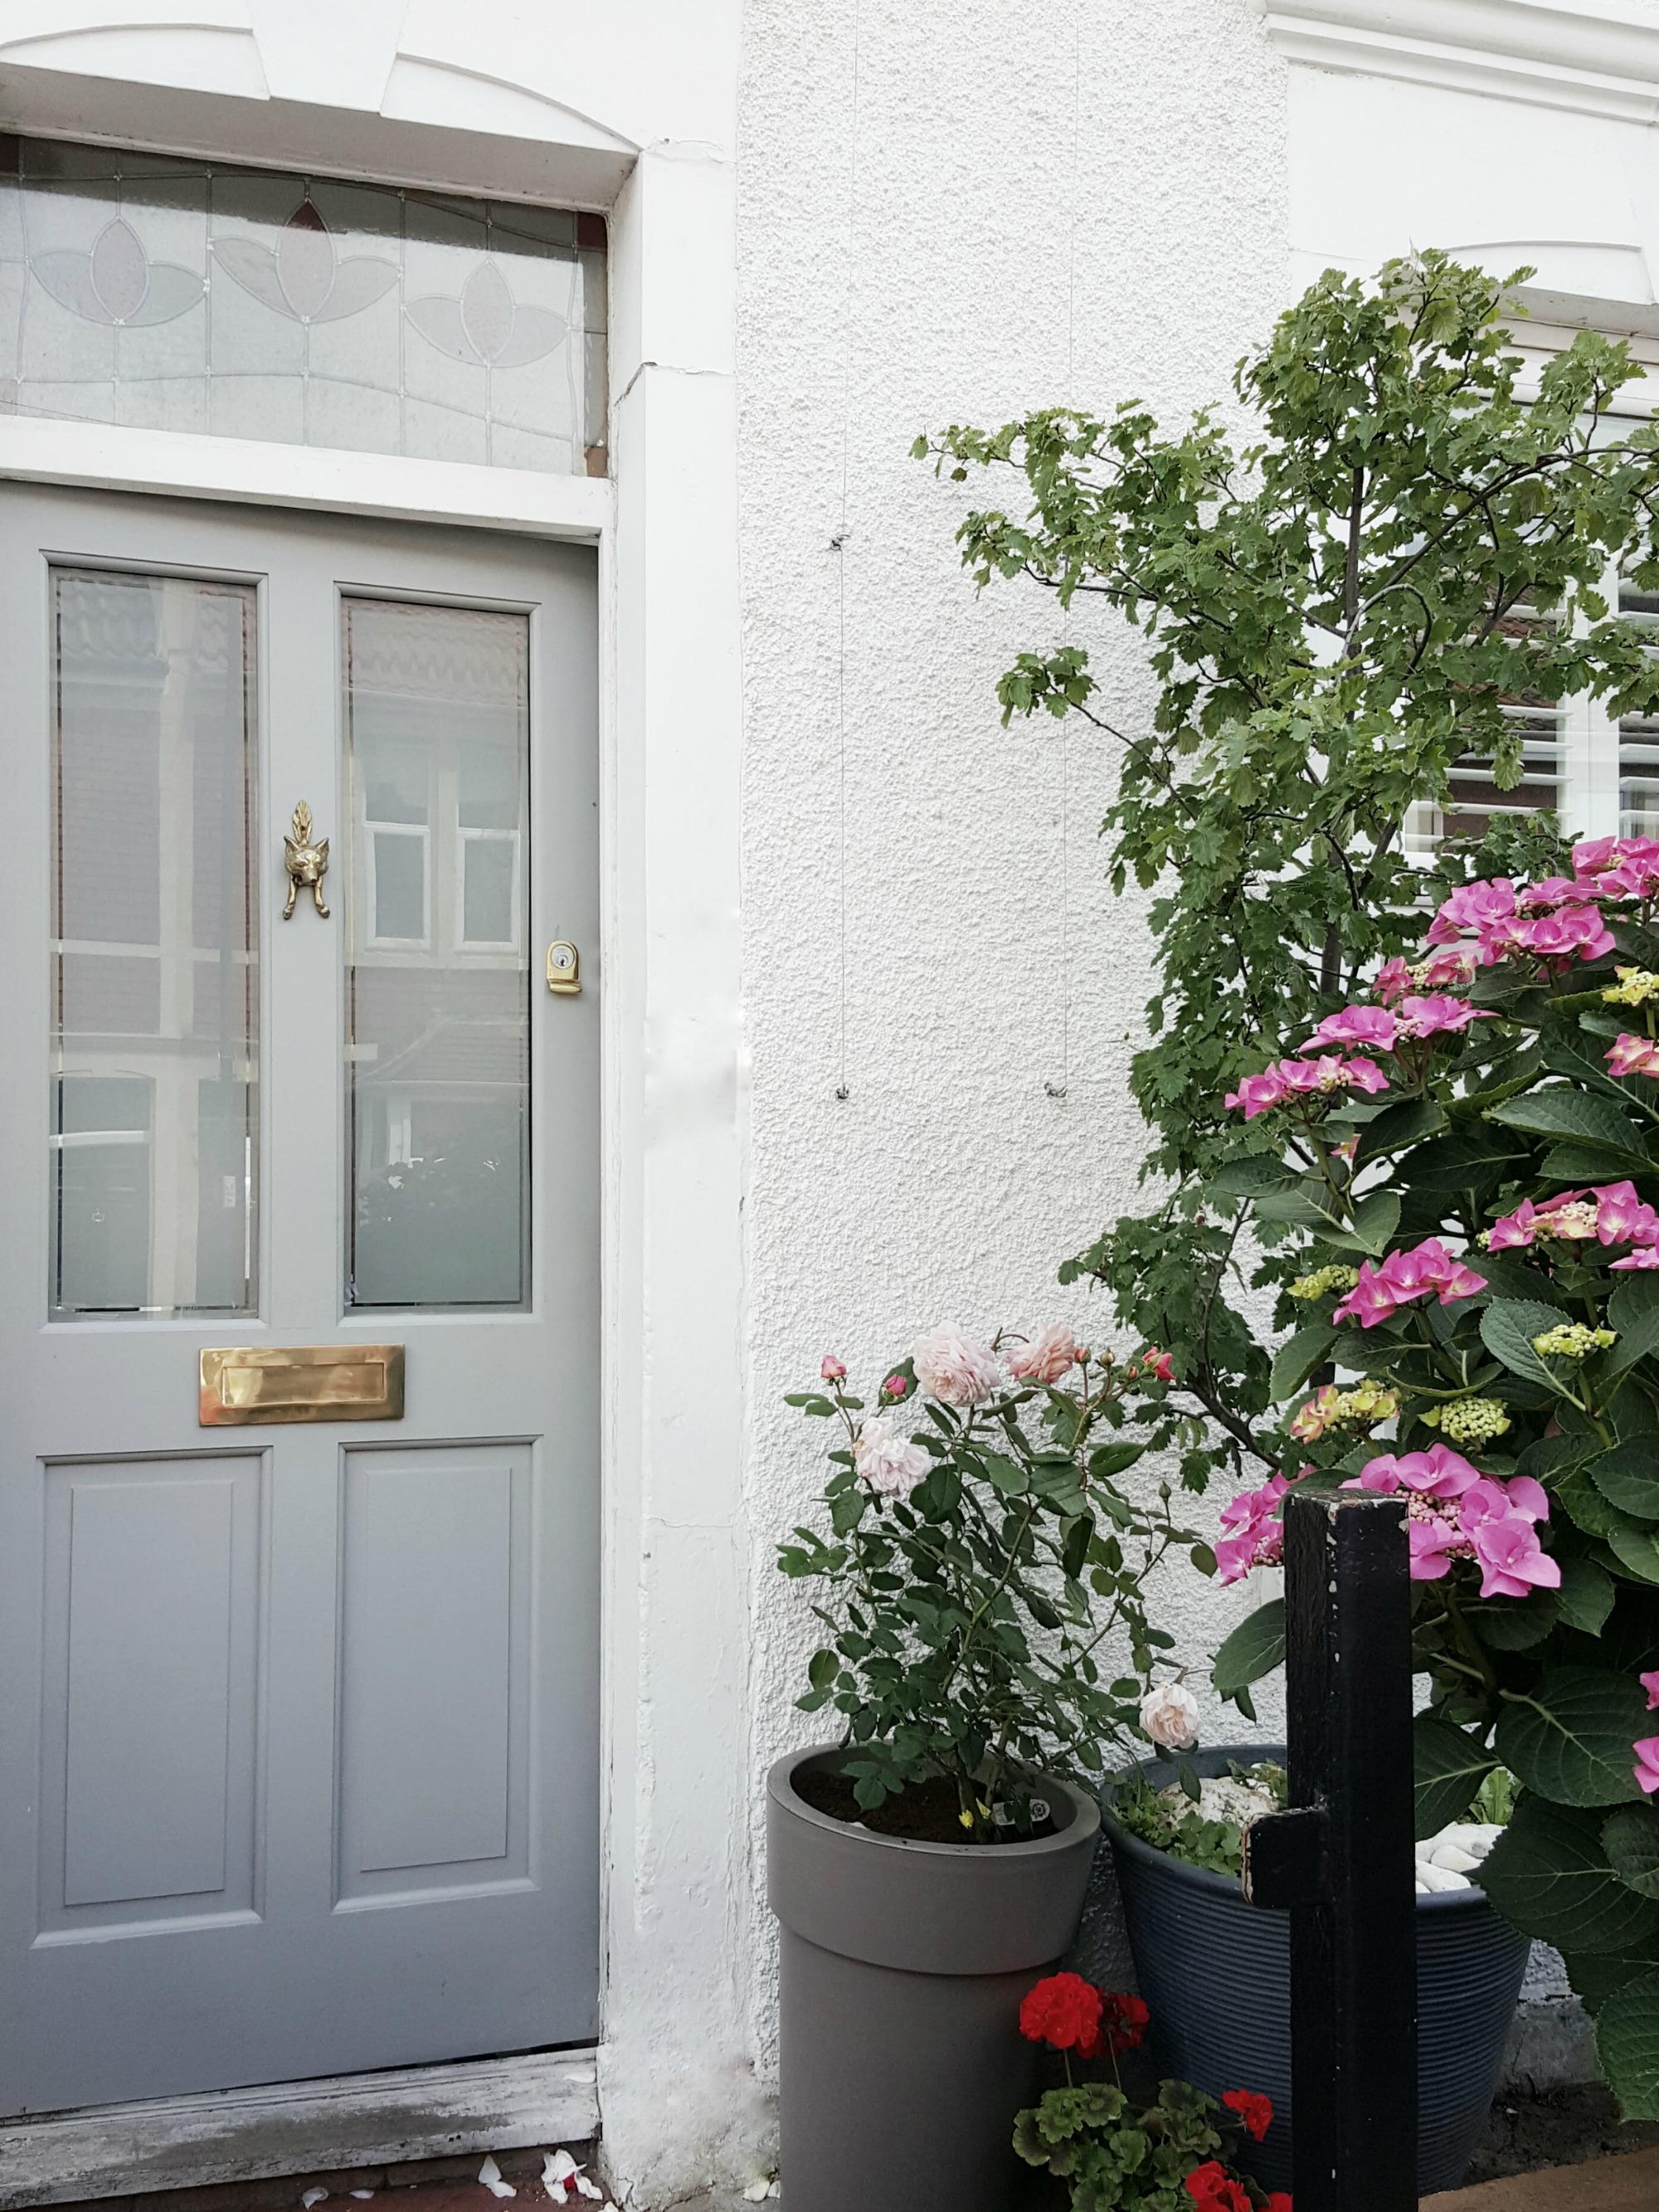 B&Q grey front door